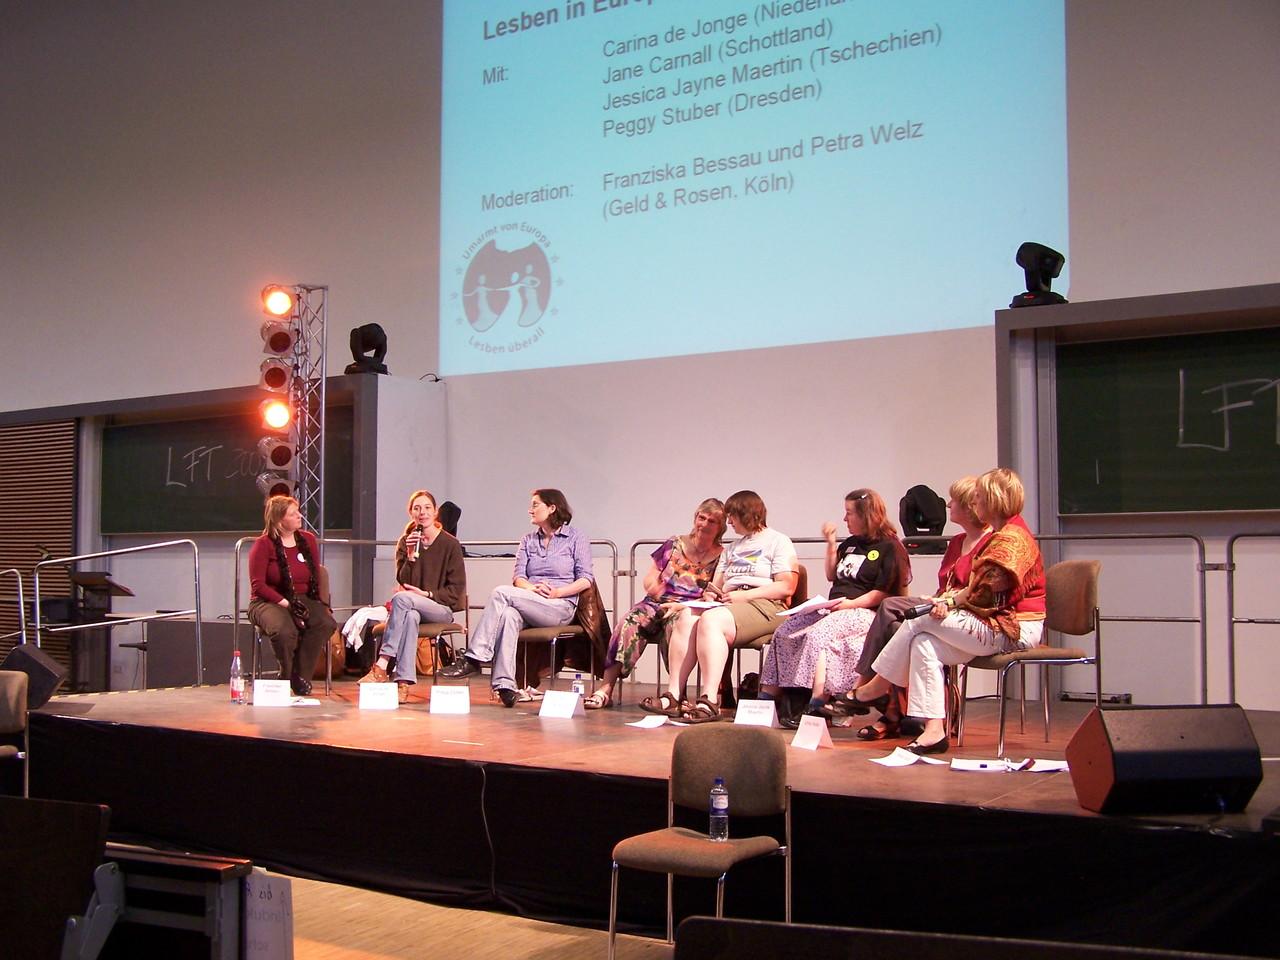 Podiumsdiskussion: Lesben in Europa - Chancen und Grenzen